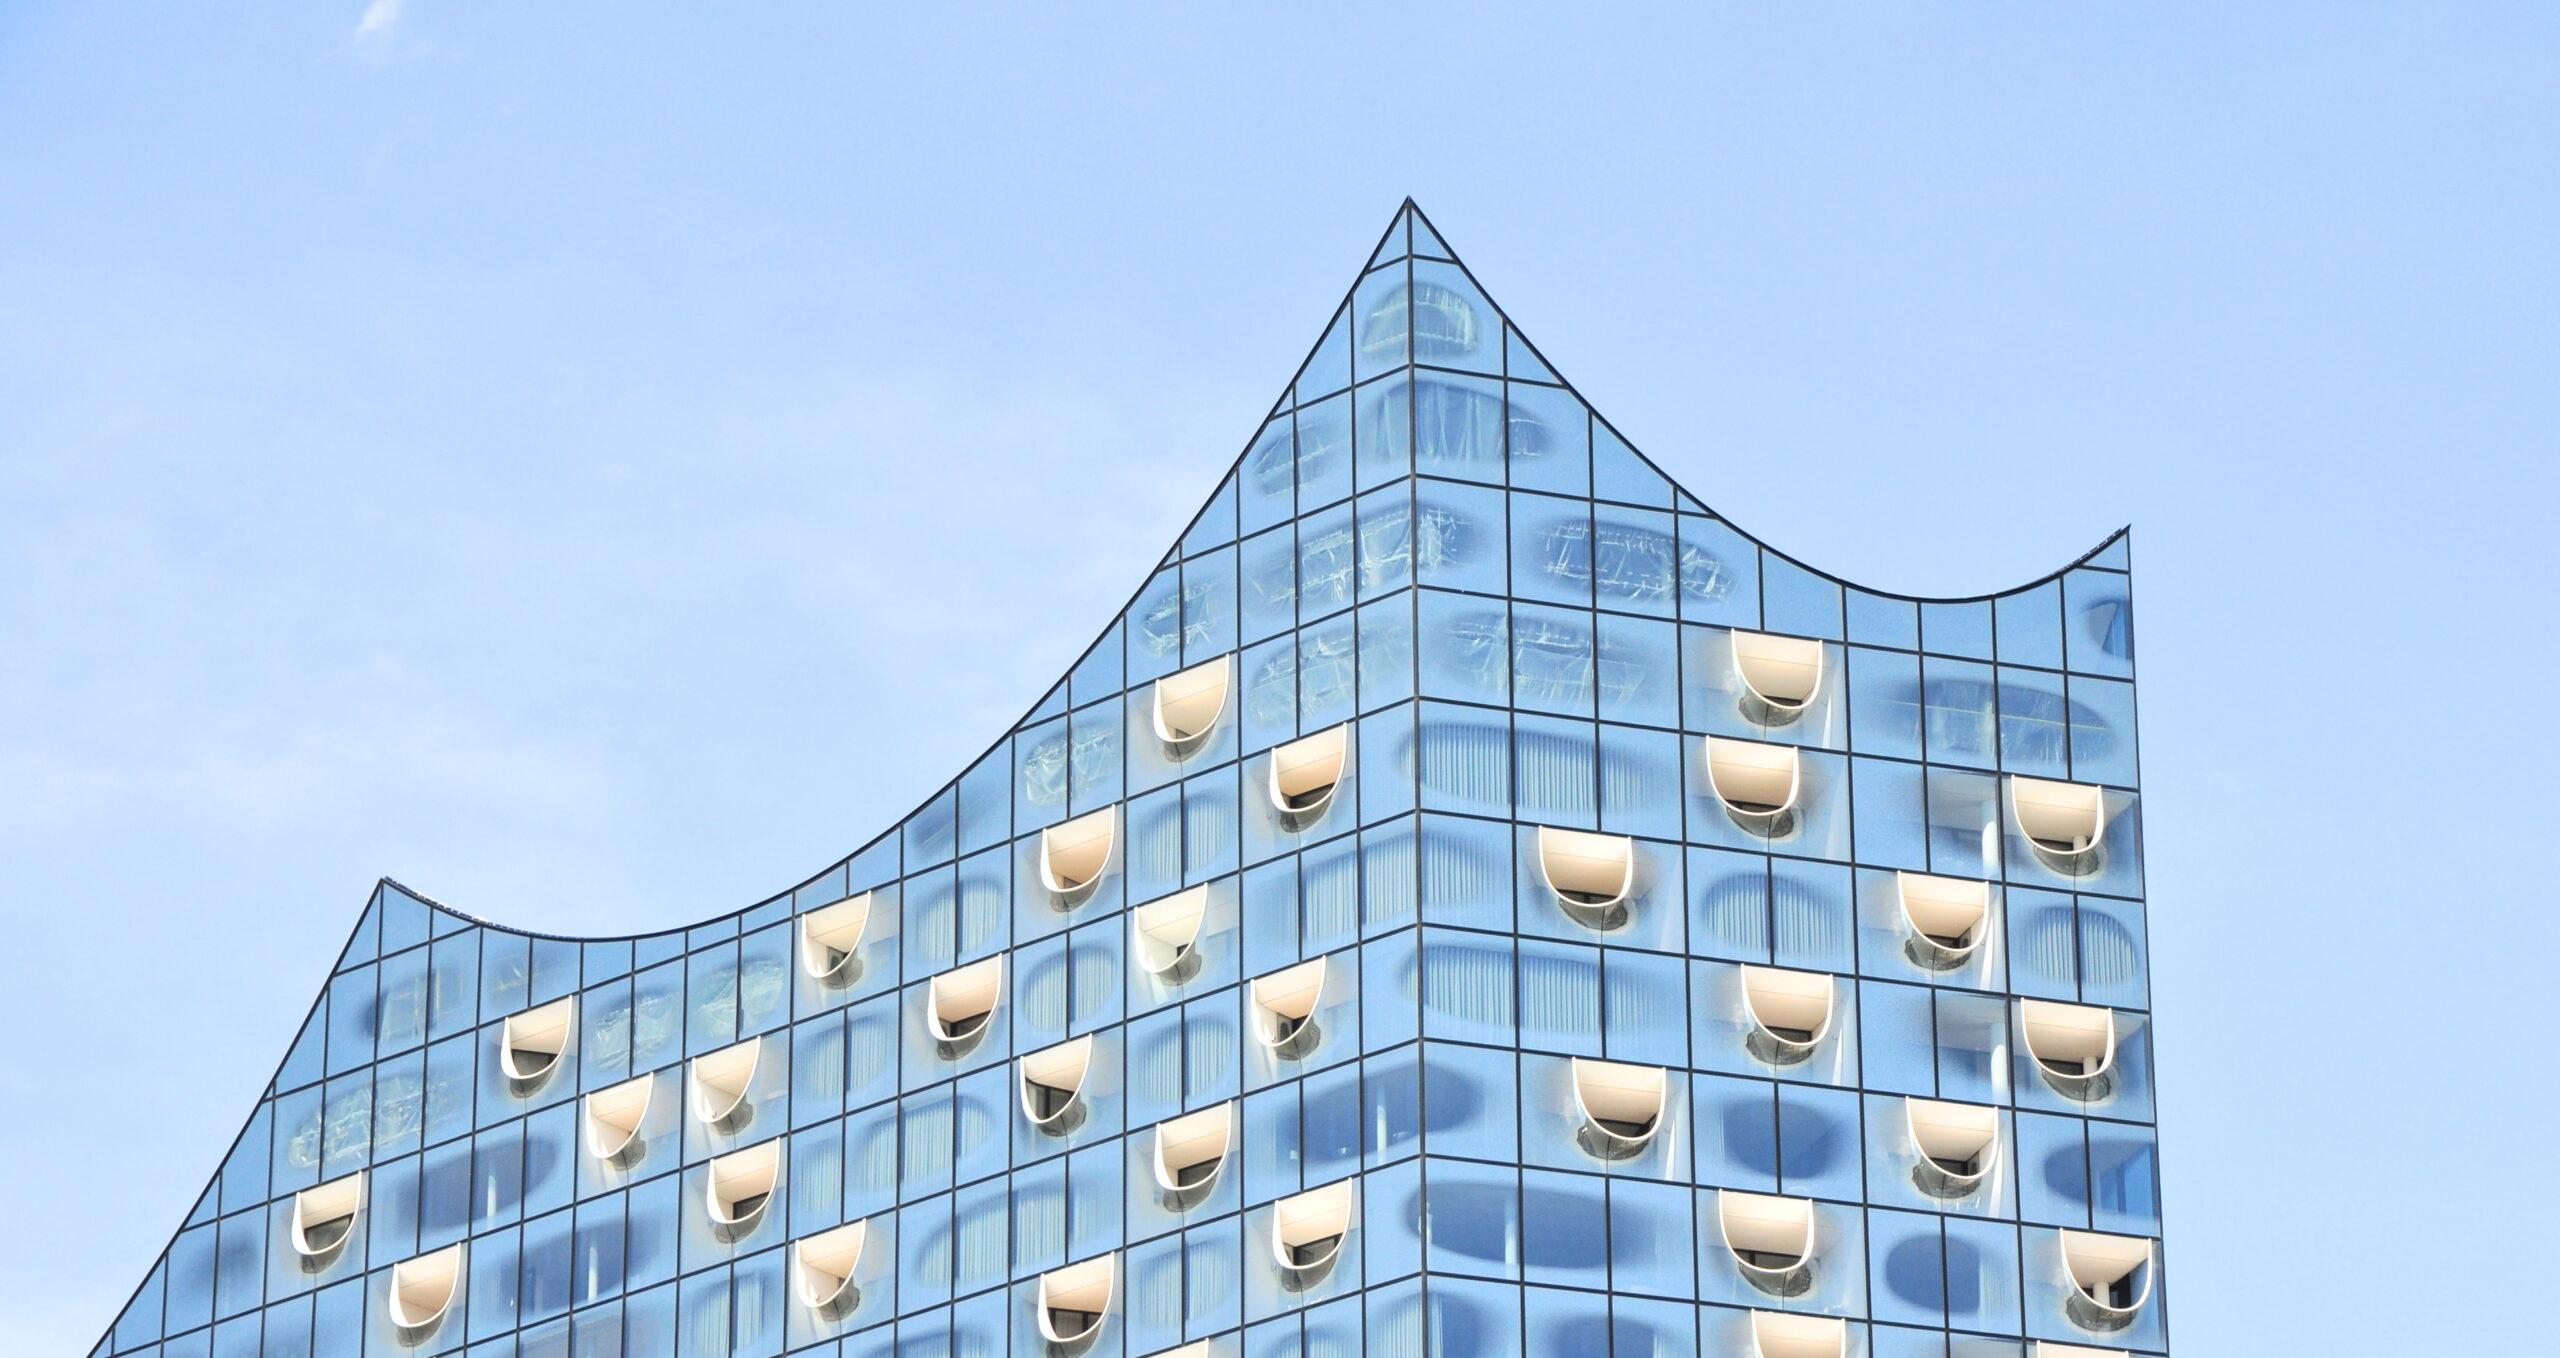 Das Dach der Hamburg Elbphilharmonie in Form eines aufwärts Chart